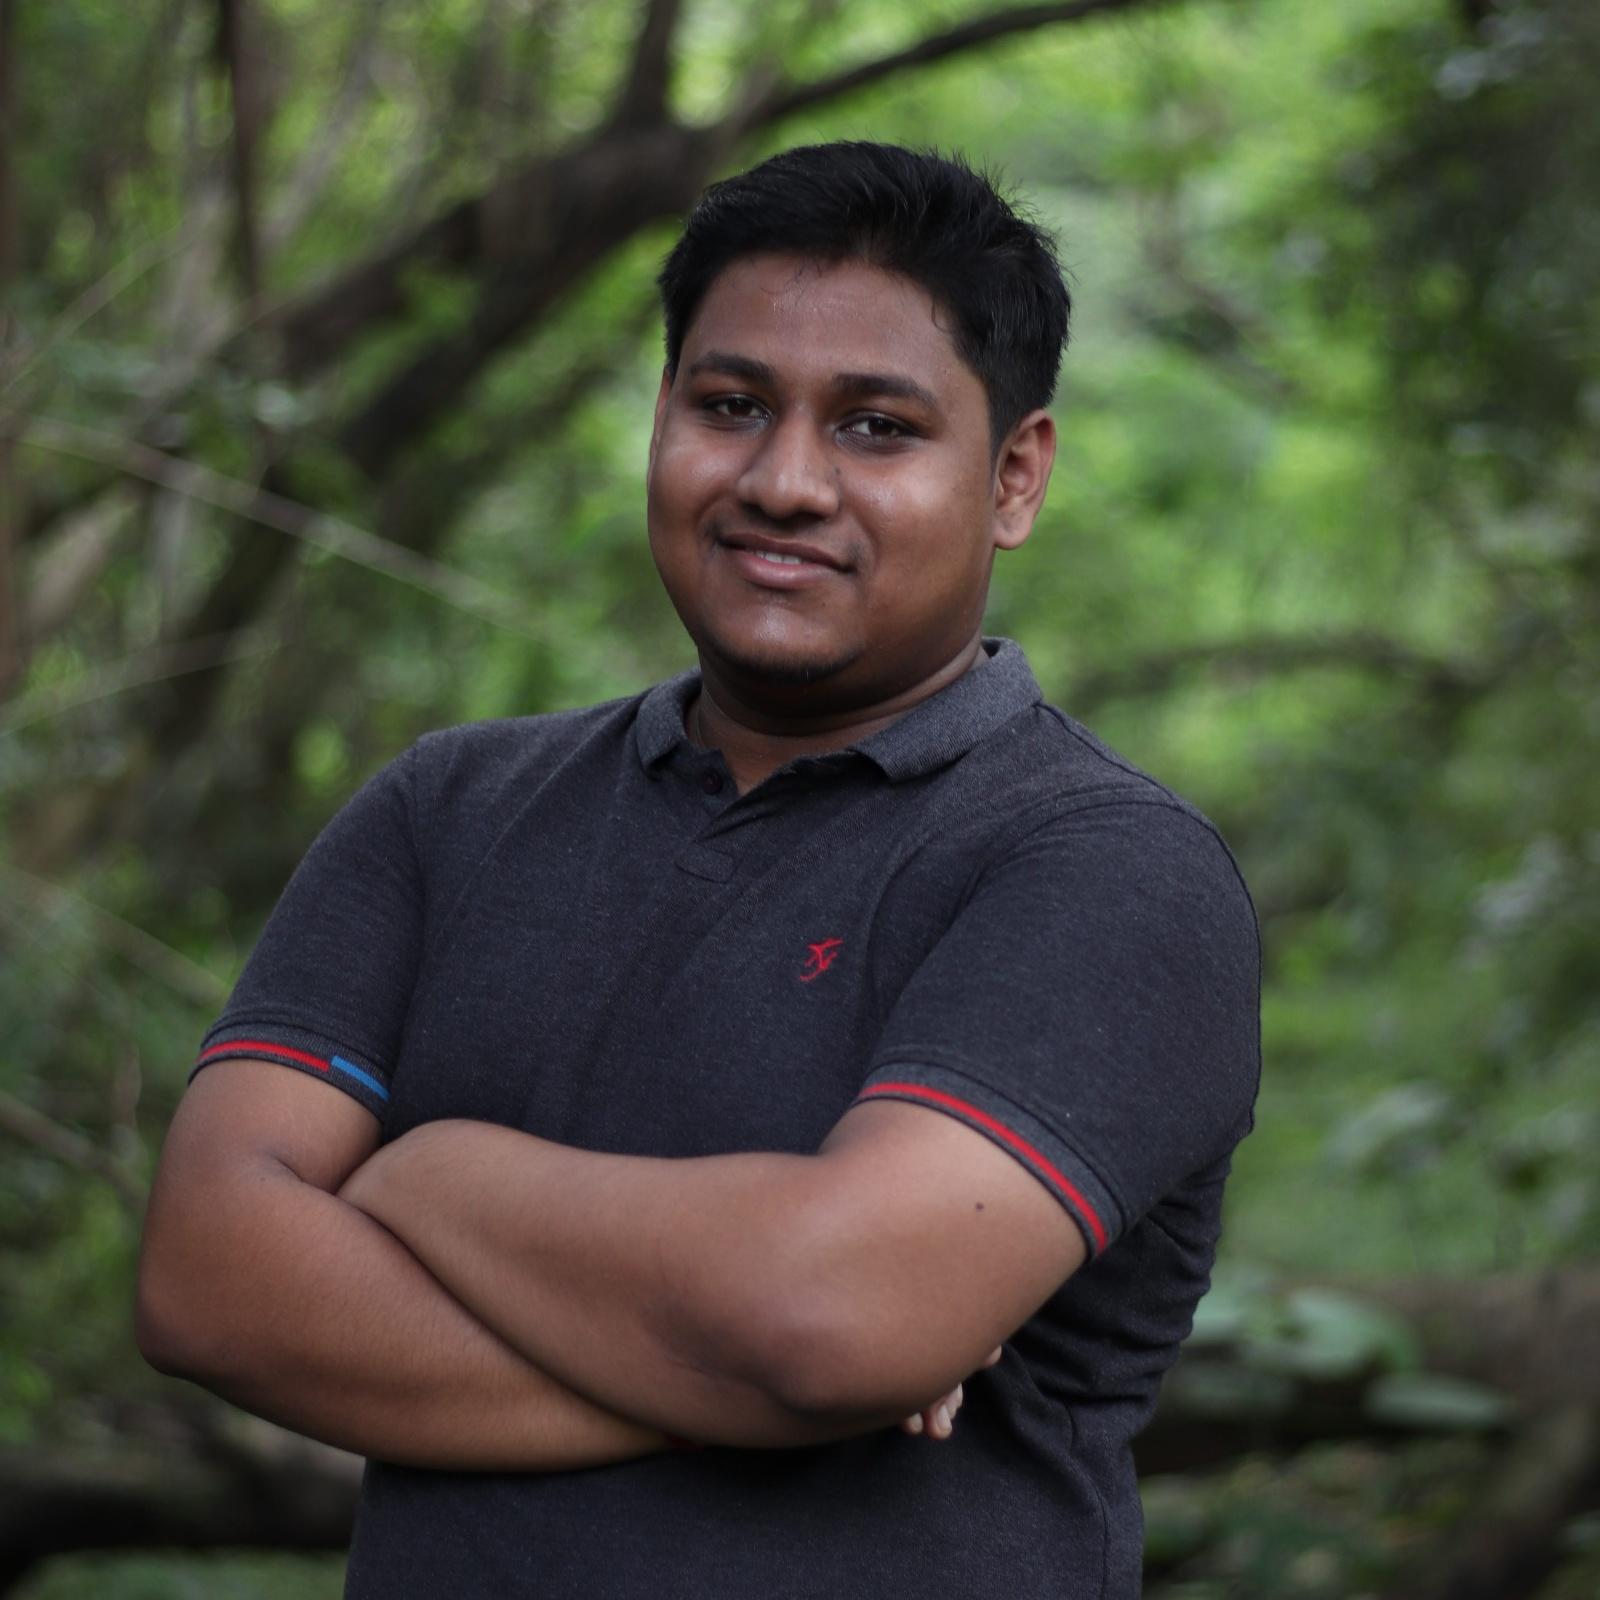 Suryadip Mondal